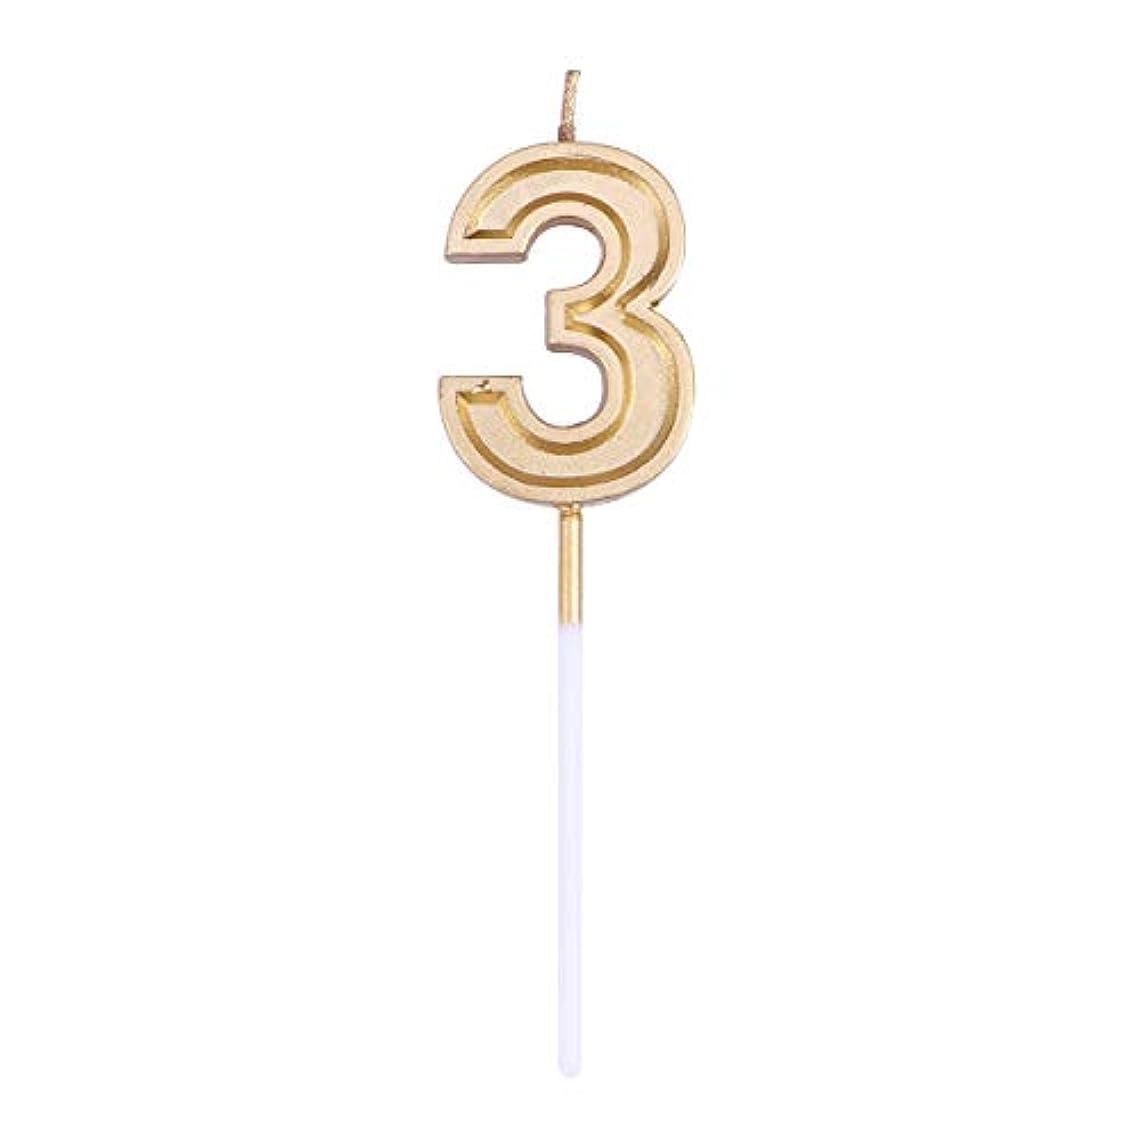 静けさ放出酸素Toyvian ゴールドラメ誕生日おめでとう数字キャンドル番号キャンドルケーキトッパー装飾用大人キッズパーティー(番号3)